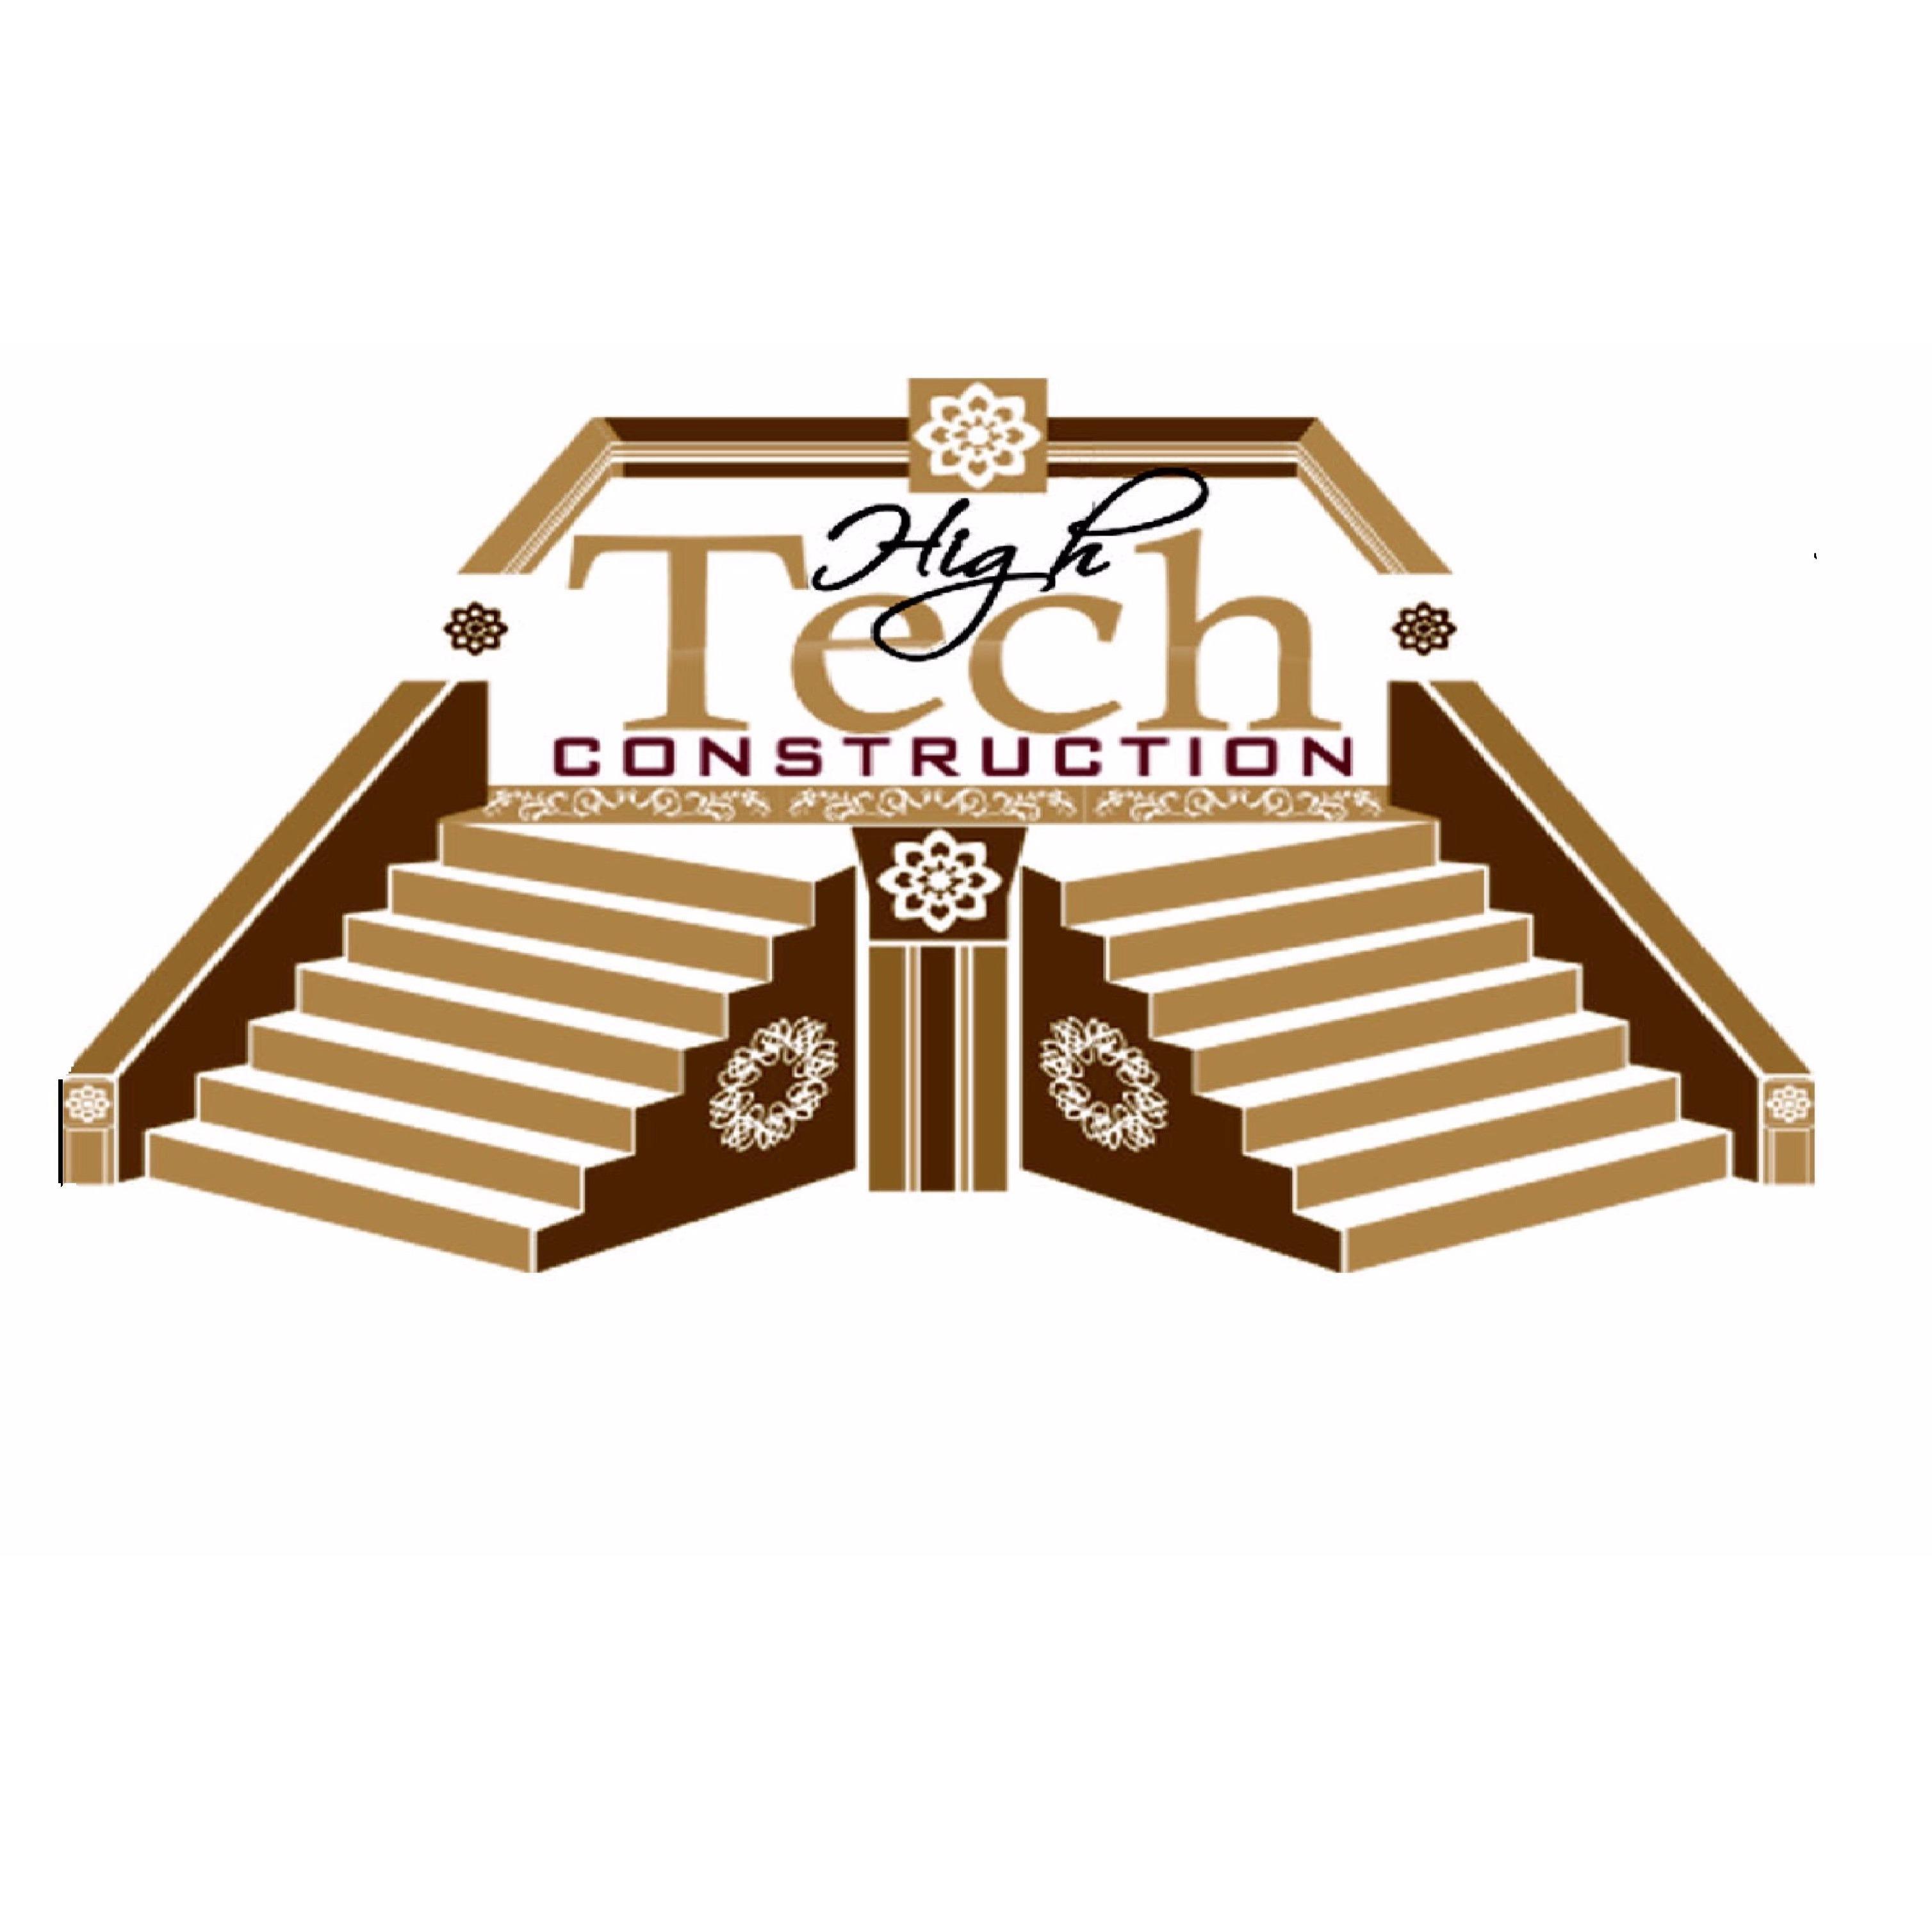 High Tech Construction Co